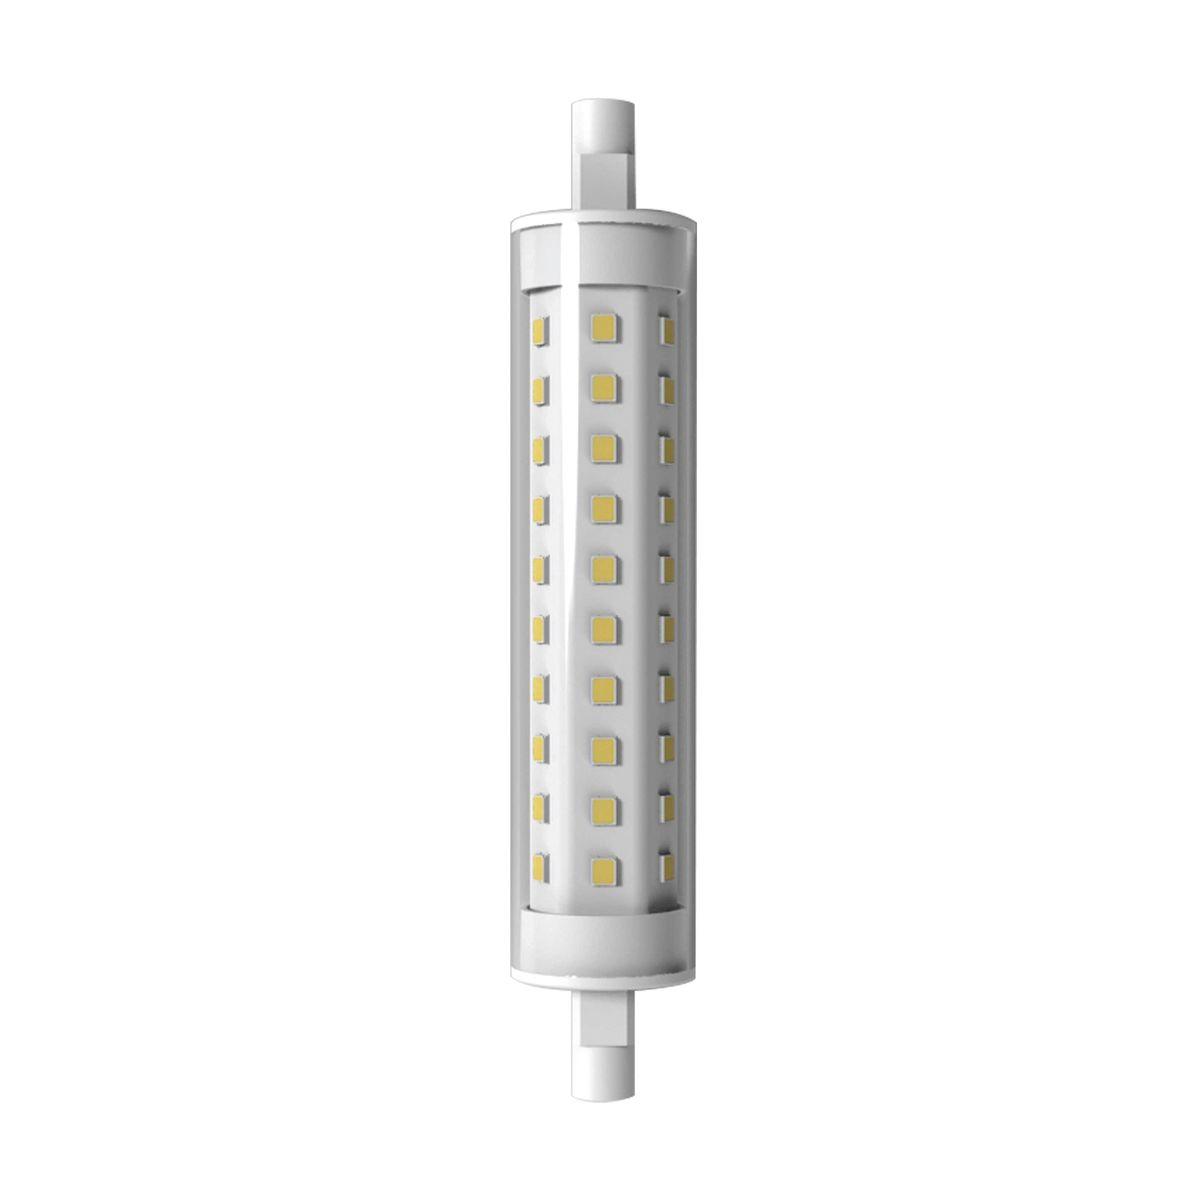 Lampadina led lexman r7s 75w luce fredda 300 prezzi e for Leroy merlin lampadine led